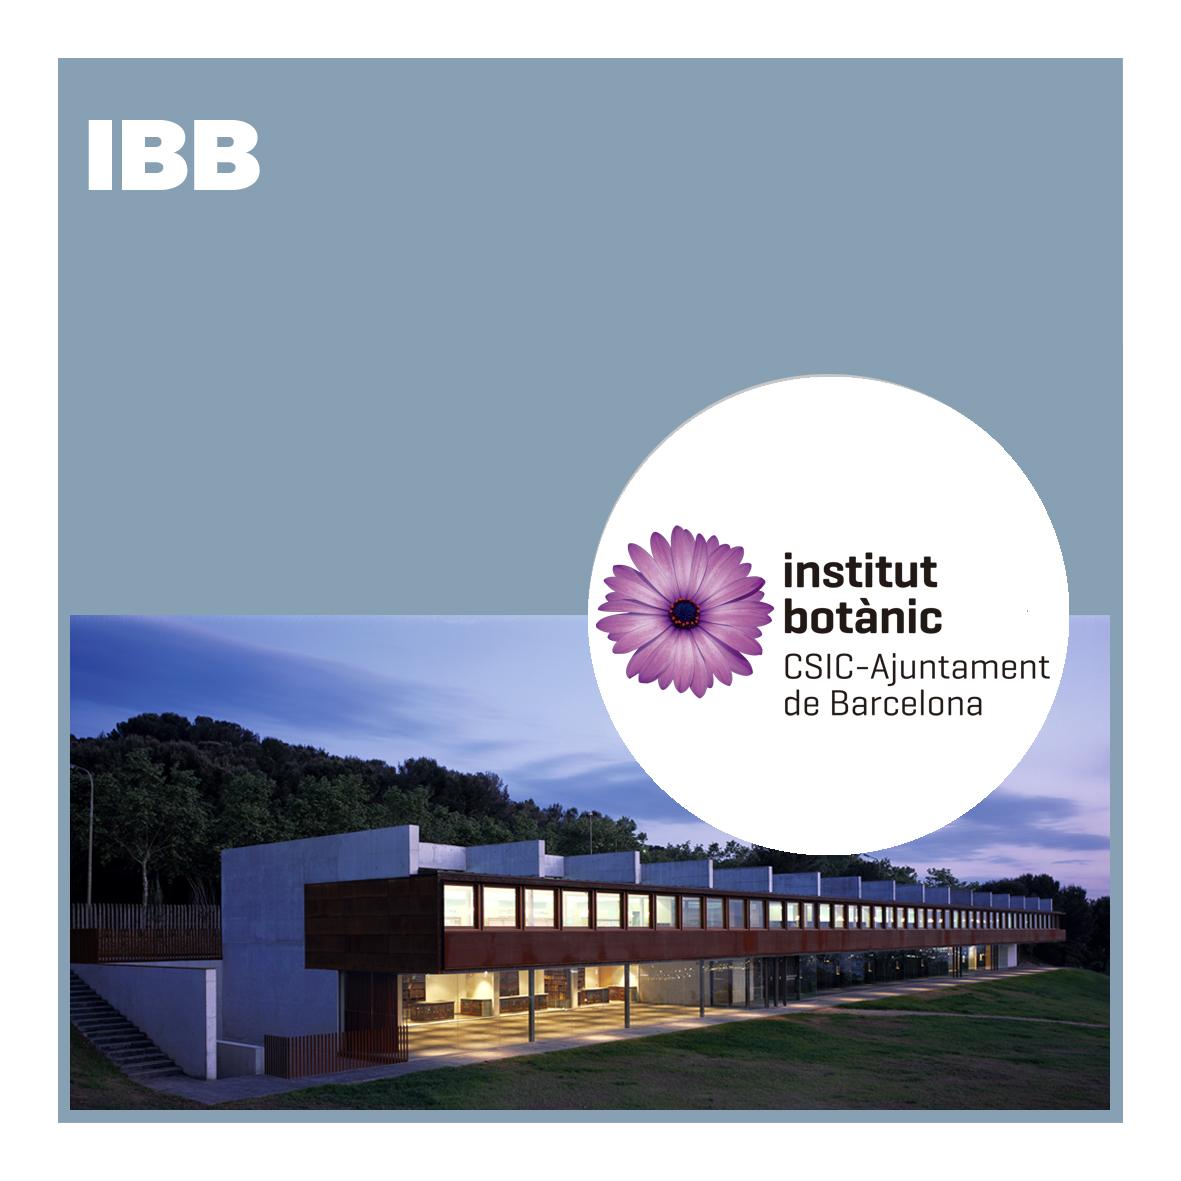 Instituto Botánico de Barcelona (IBB)